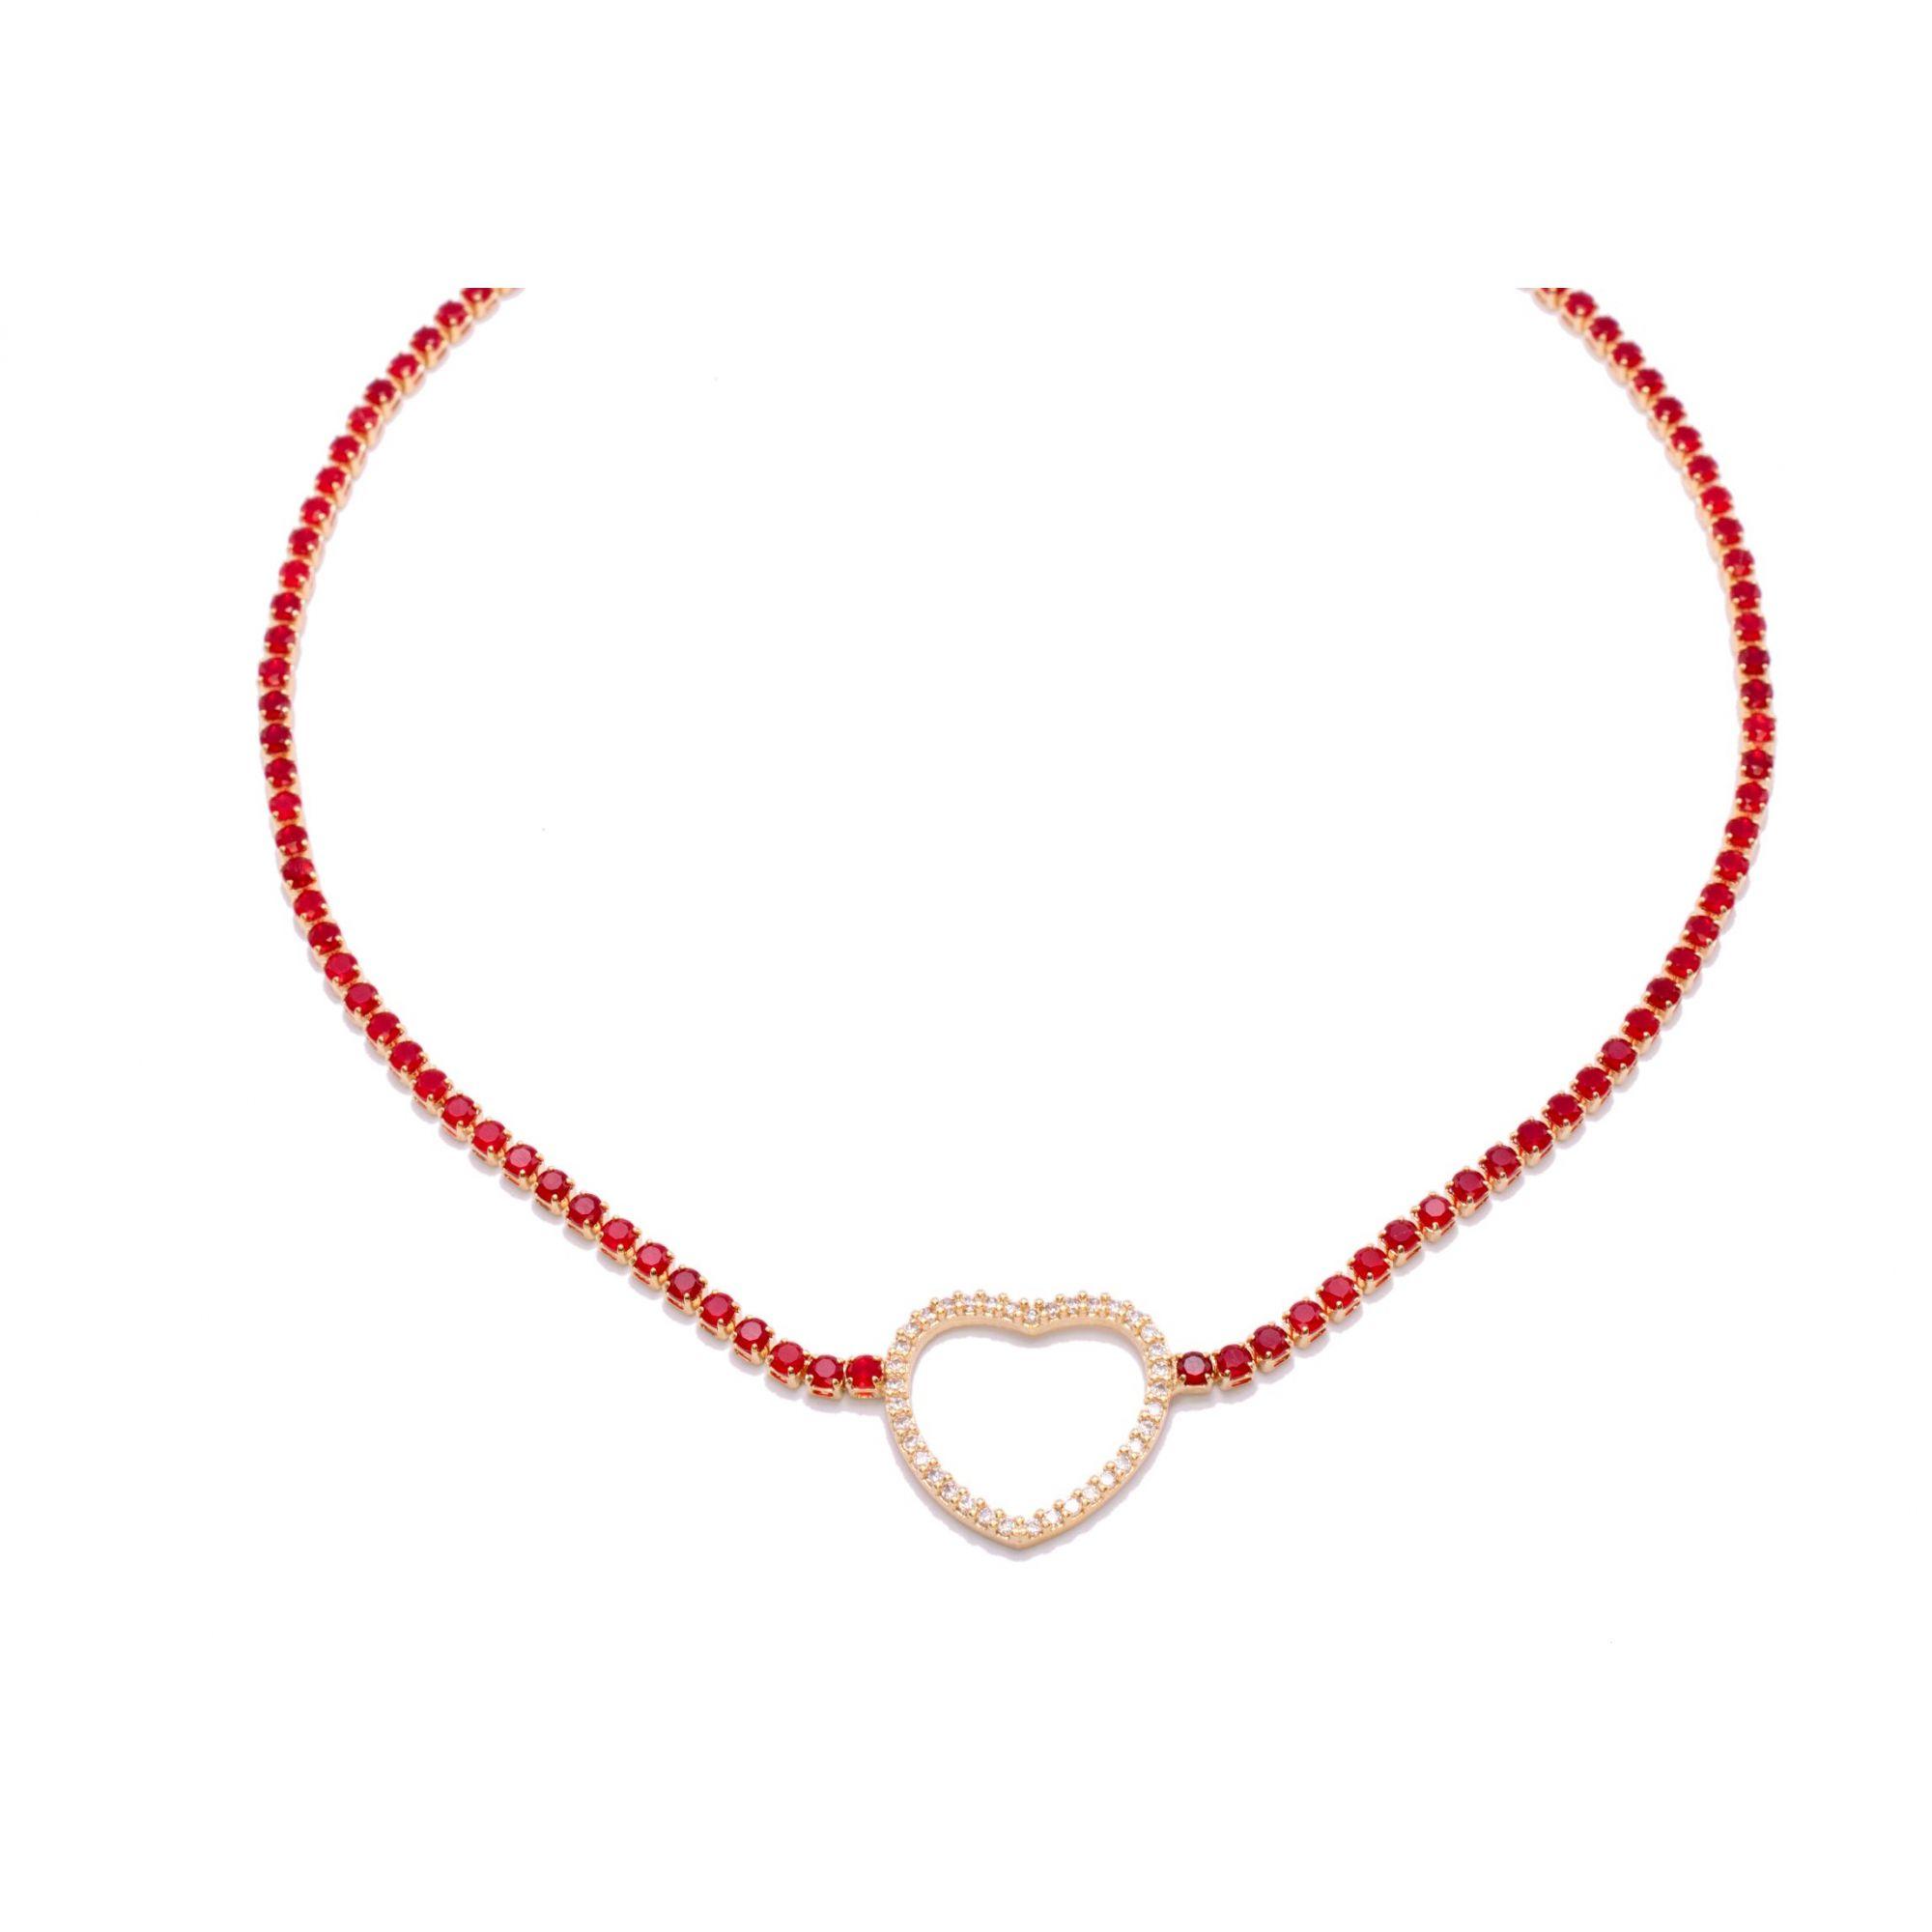 Choker Coração com Zircônia Vermelho Banho Ouro18k - Giro Semijoias